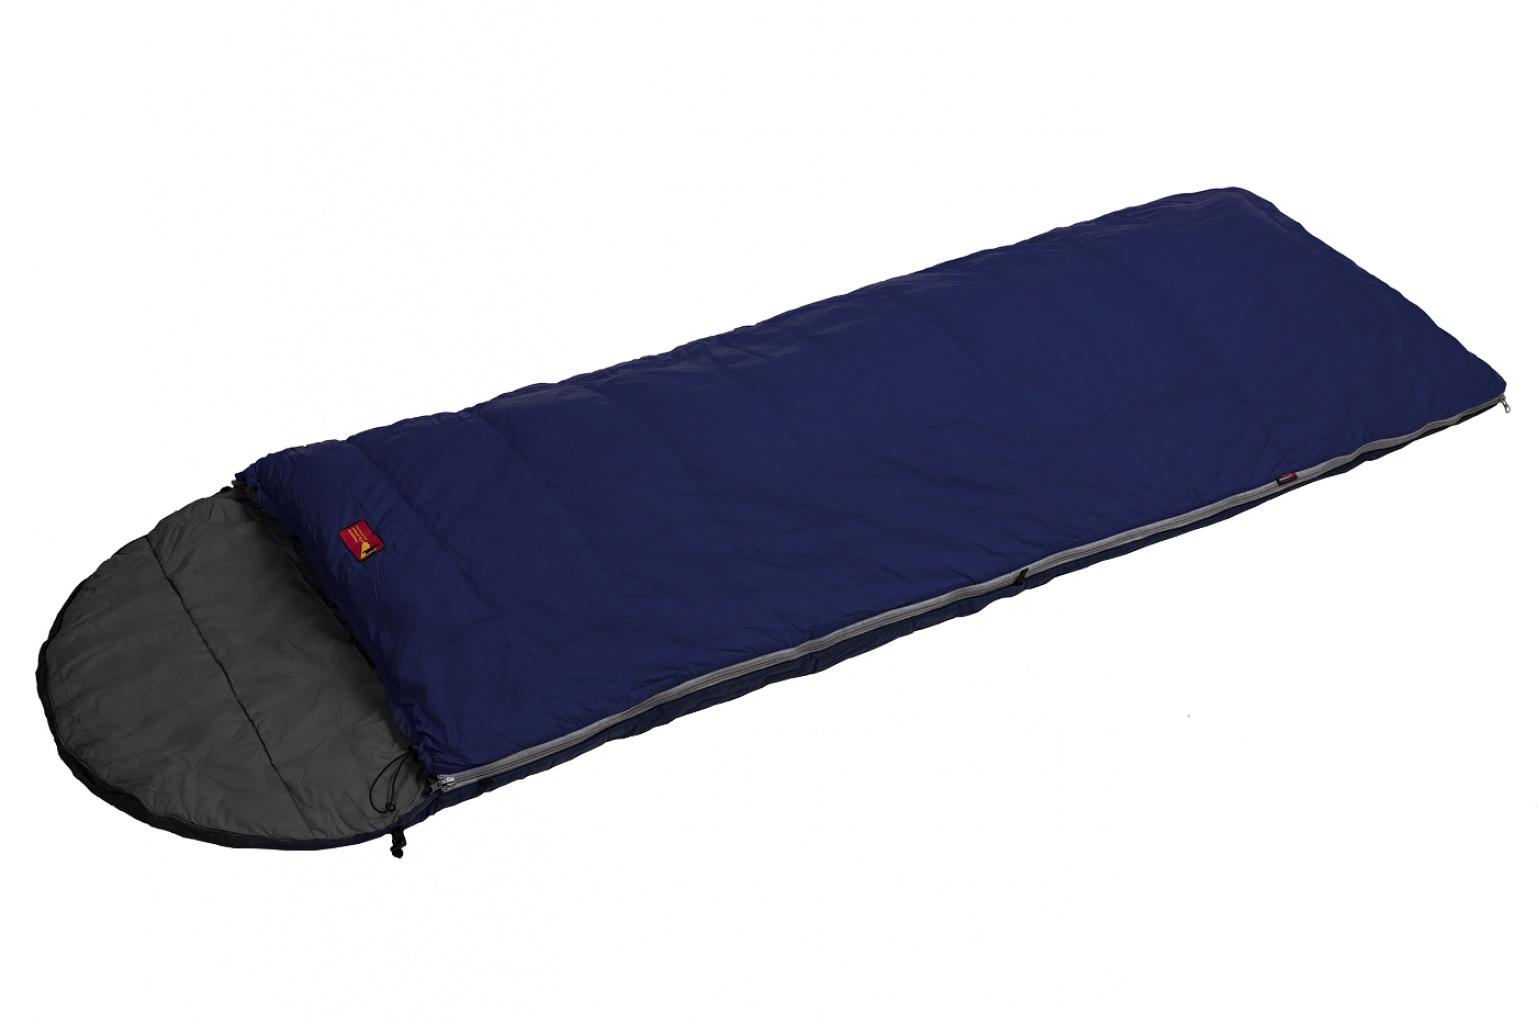 Спальный мешок BASK MILD UNIVERSAL -24 синий тмн/серый тмн, Экстремальные (Зима) спальники - арт. 971390370